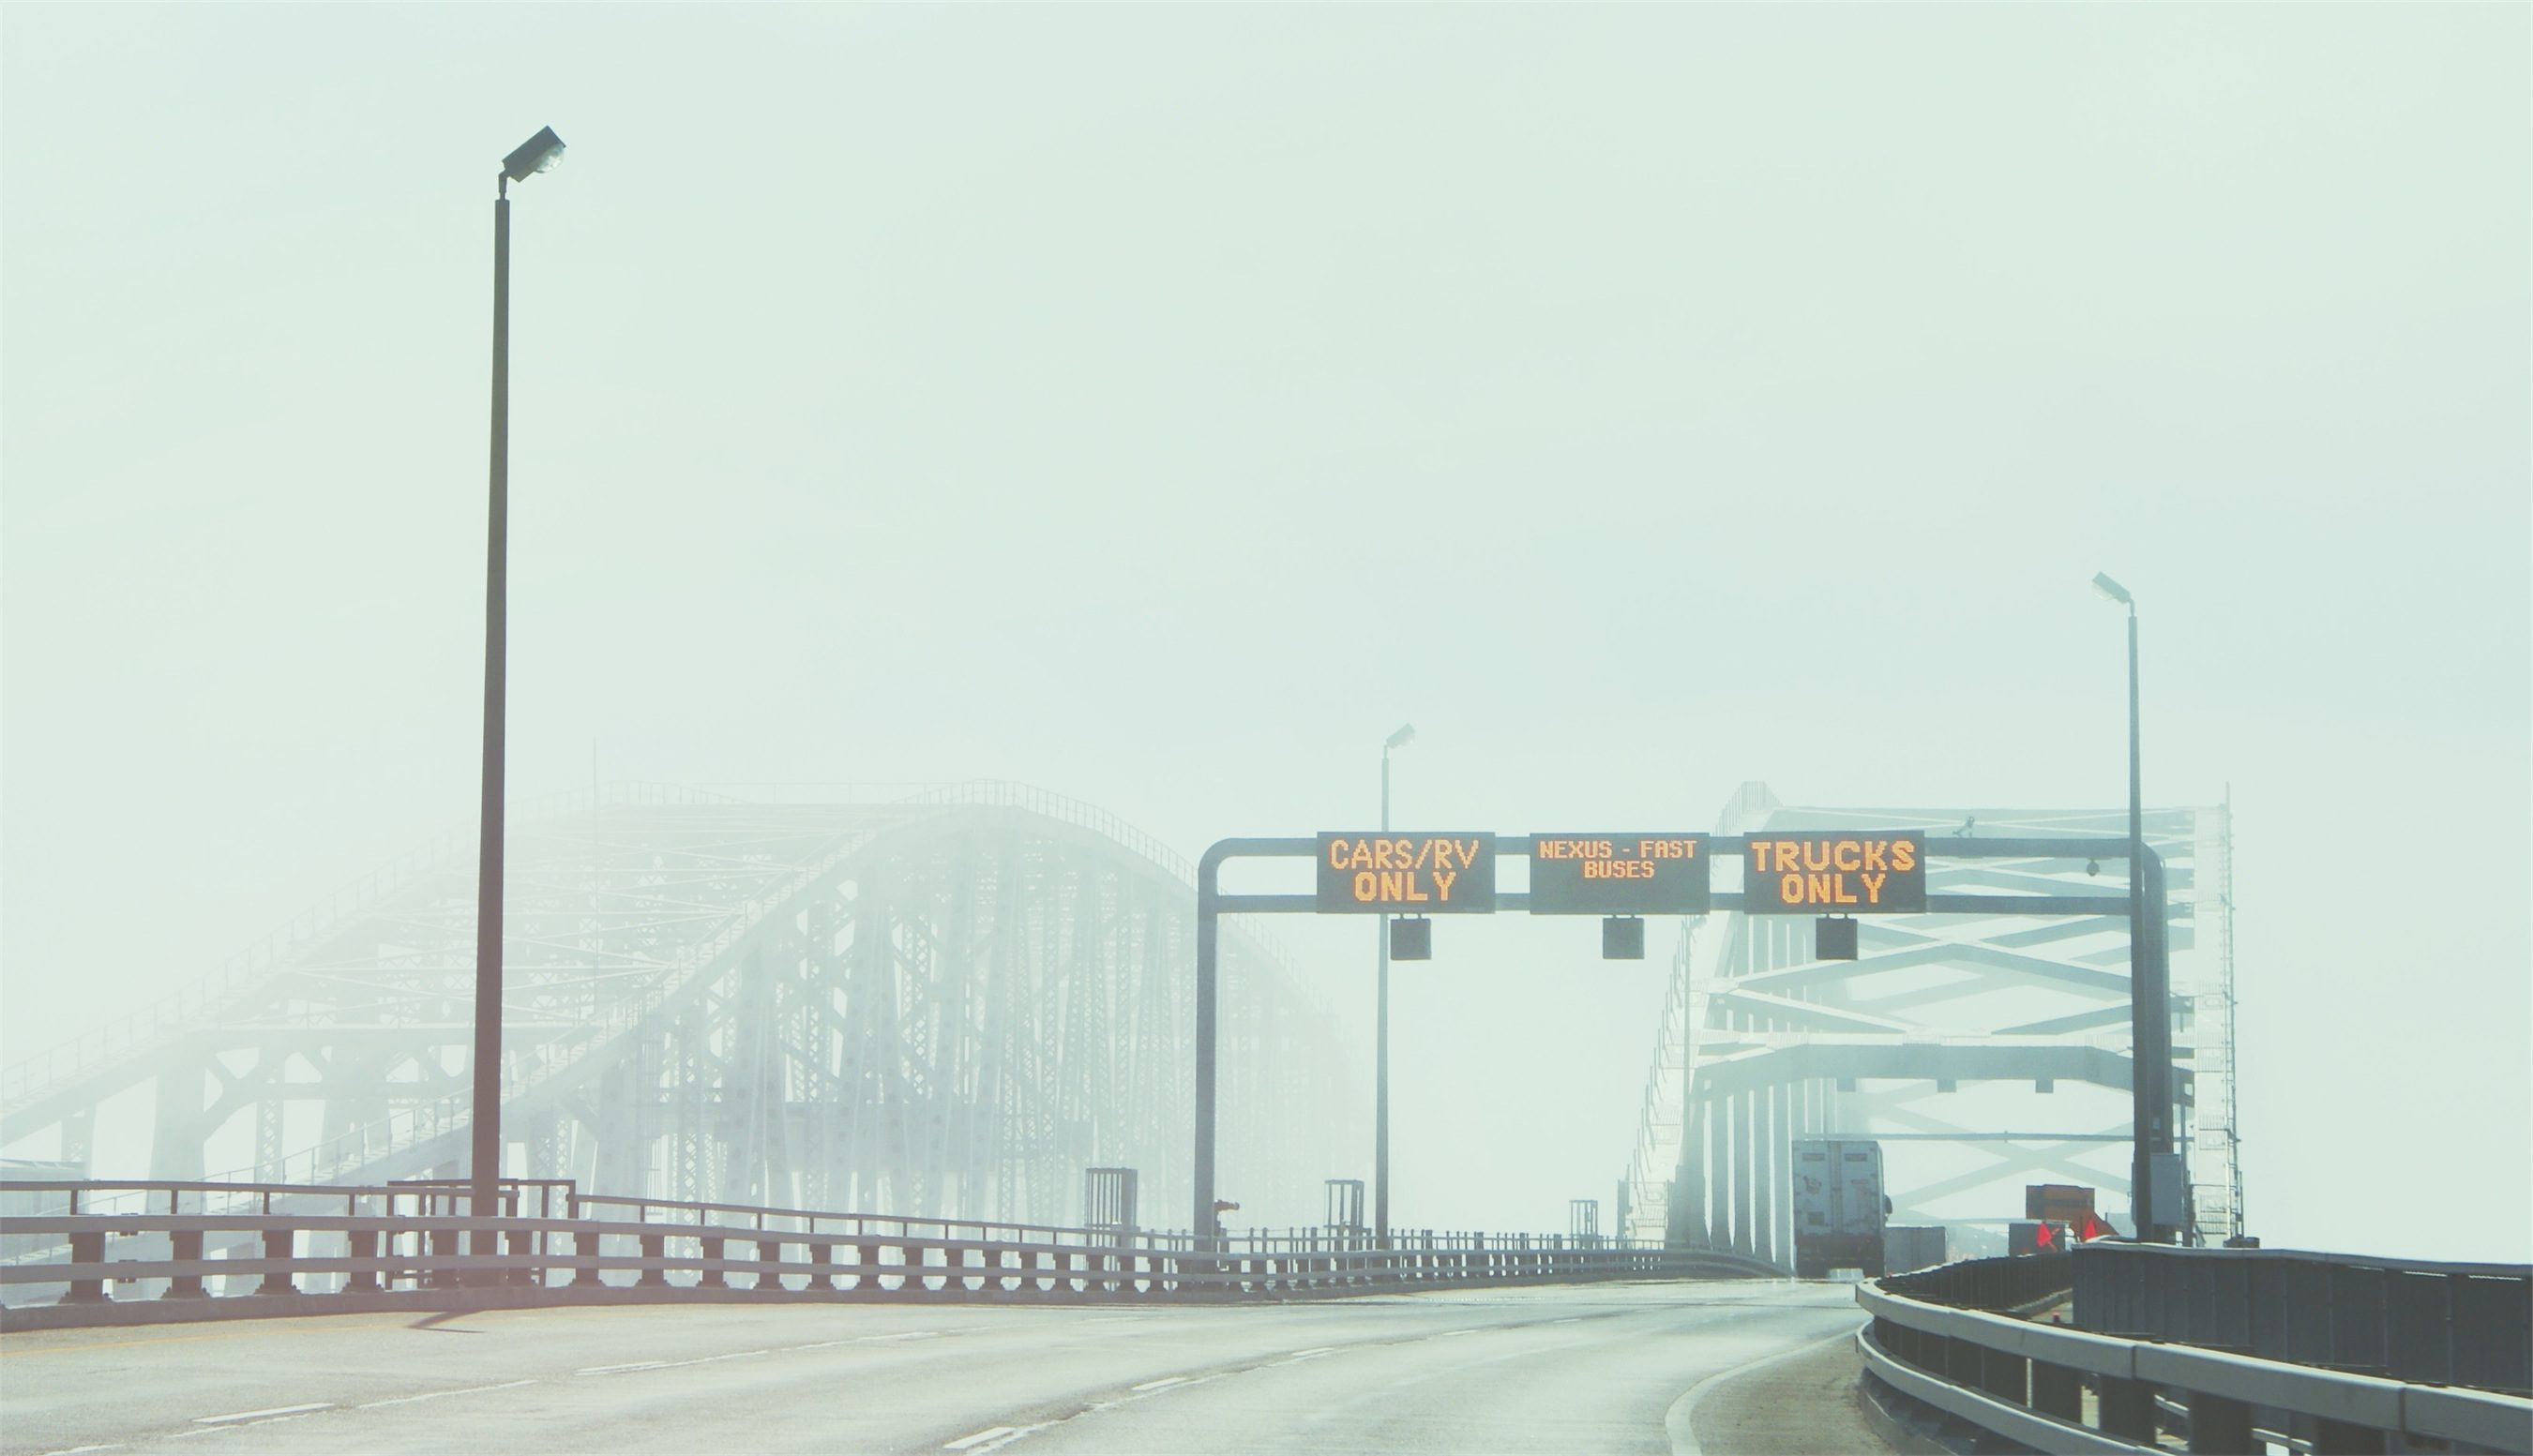 γέφυρα, señales, ομίχλη, Δρόμου, φώτα - Wallpapers HD - Professor-falken.com